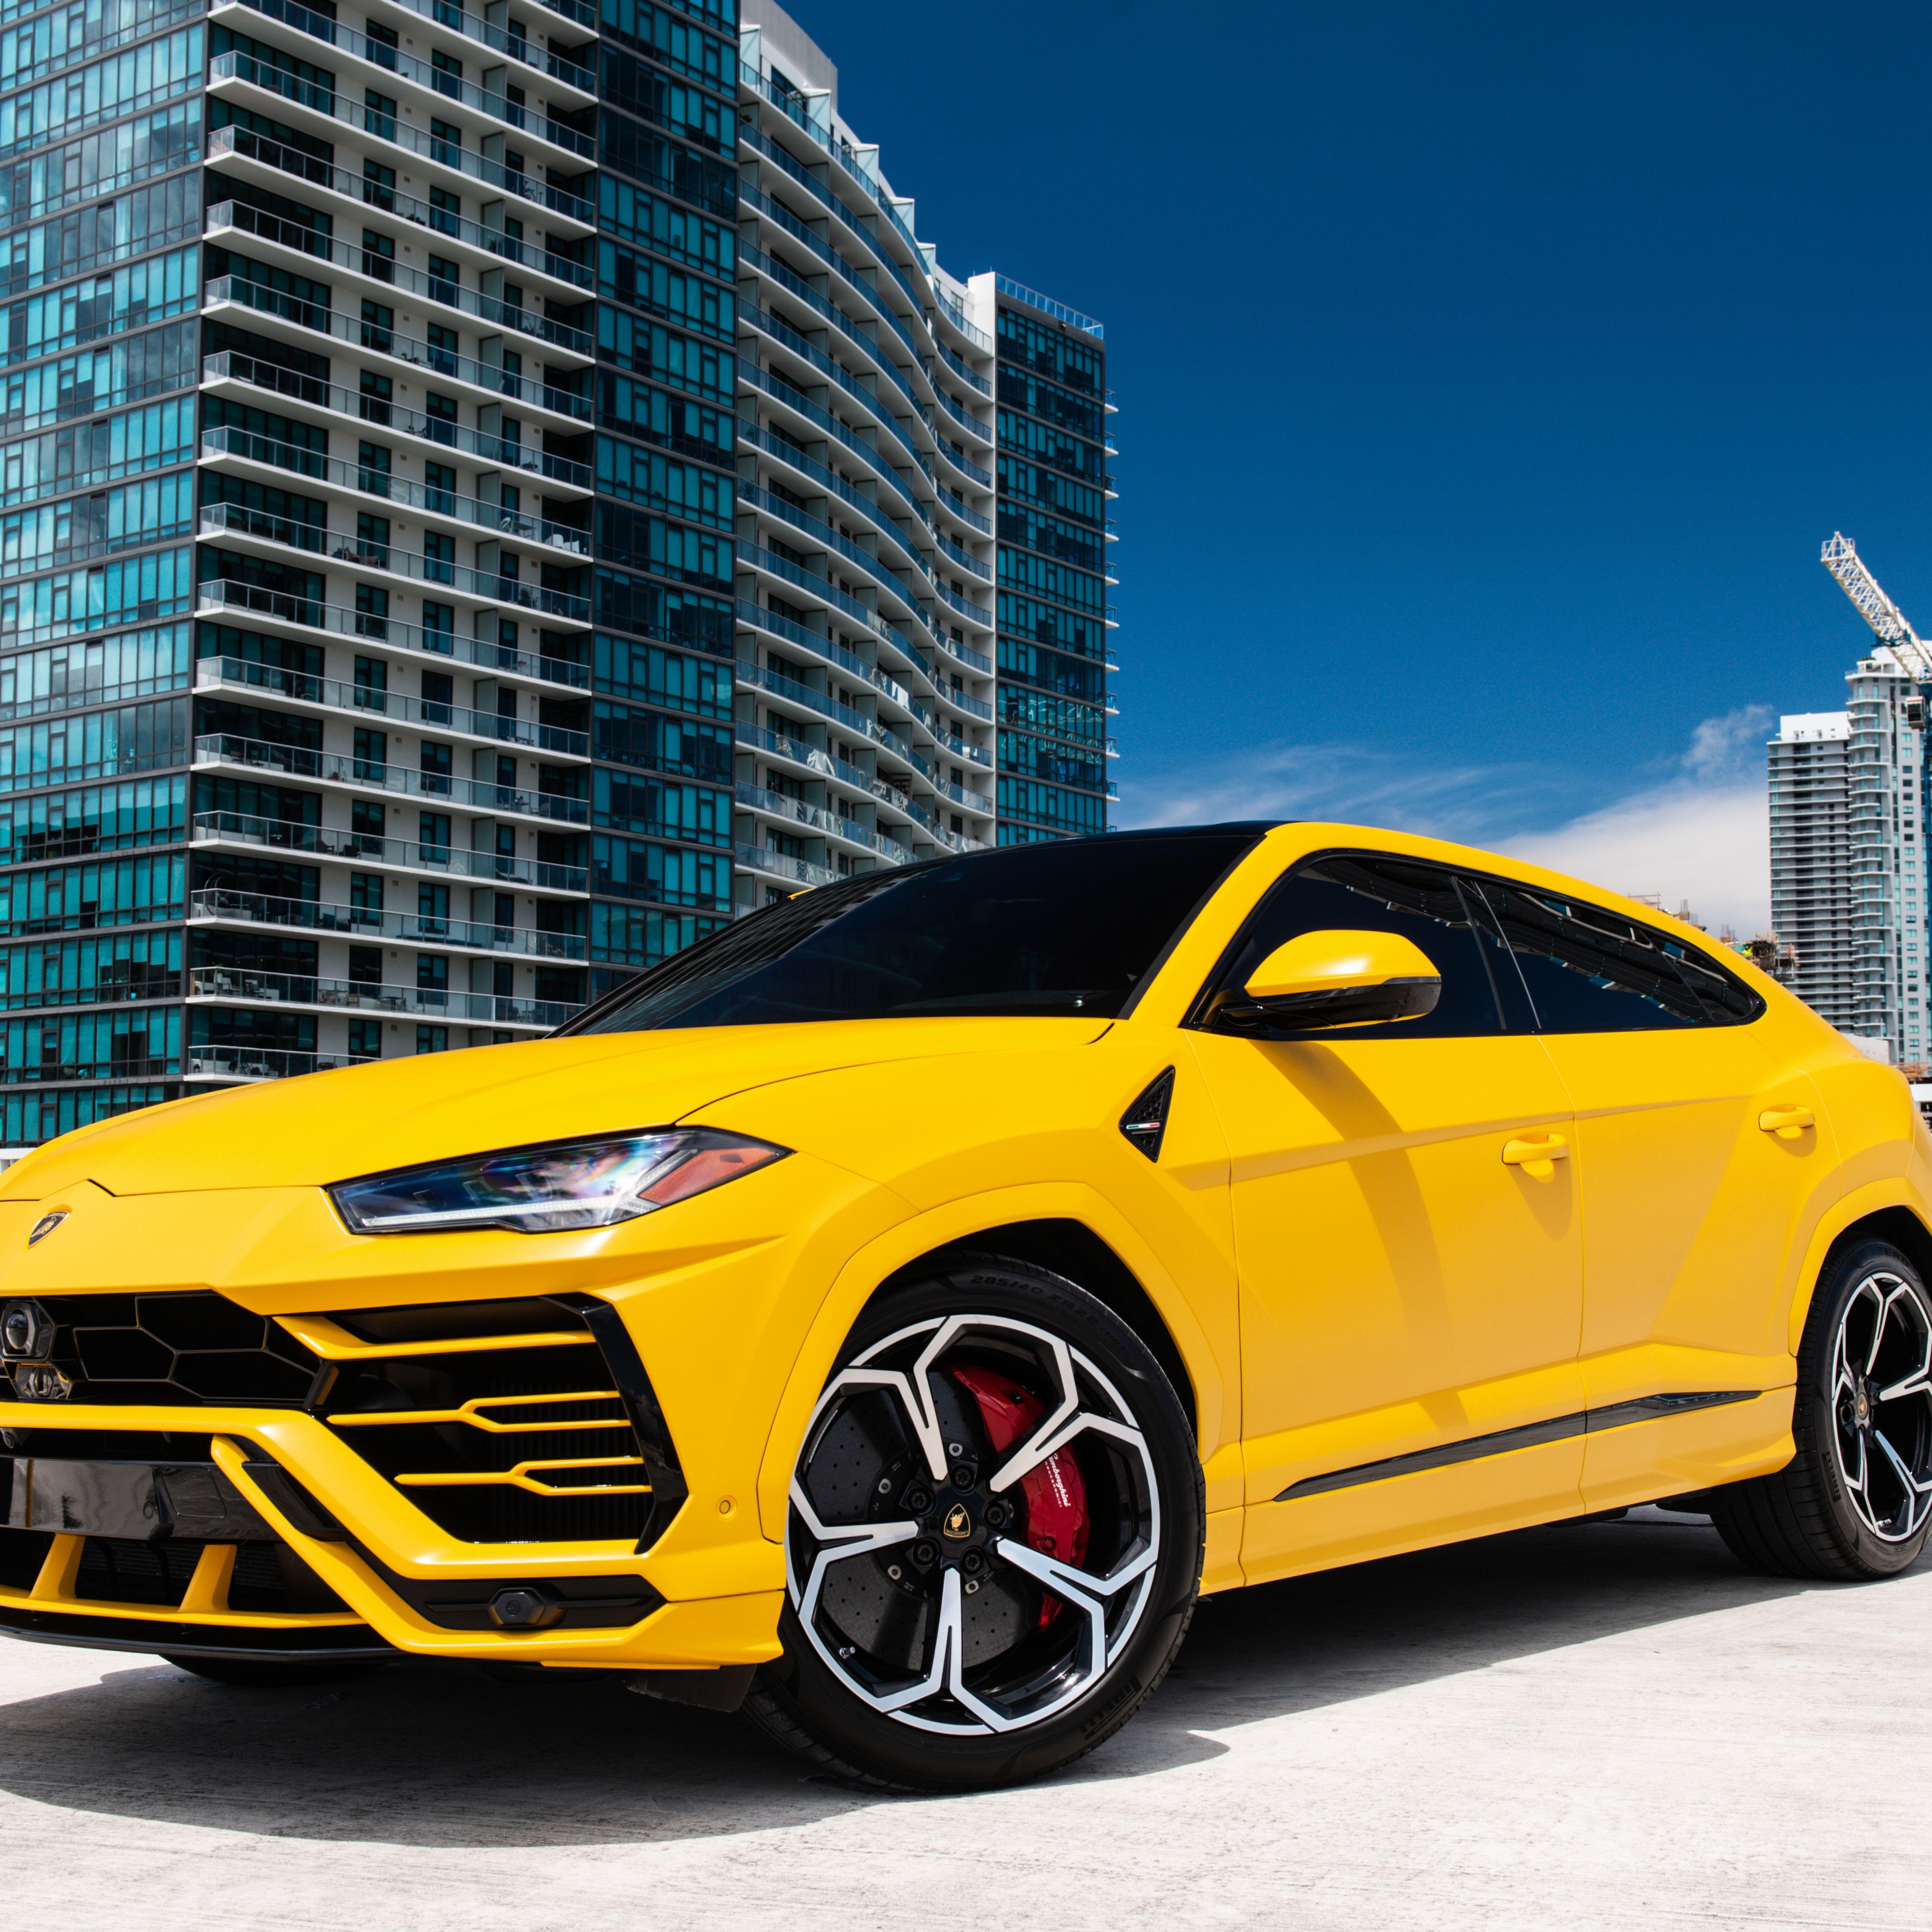 Lamborghini Urus Rental Miami Paramount Luxury Rentals Lamborghini Sports Cars Luxury Luxury Rentals